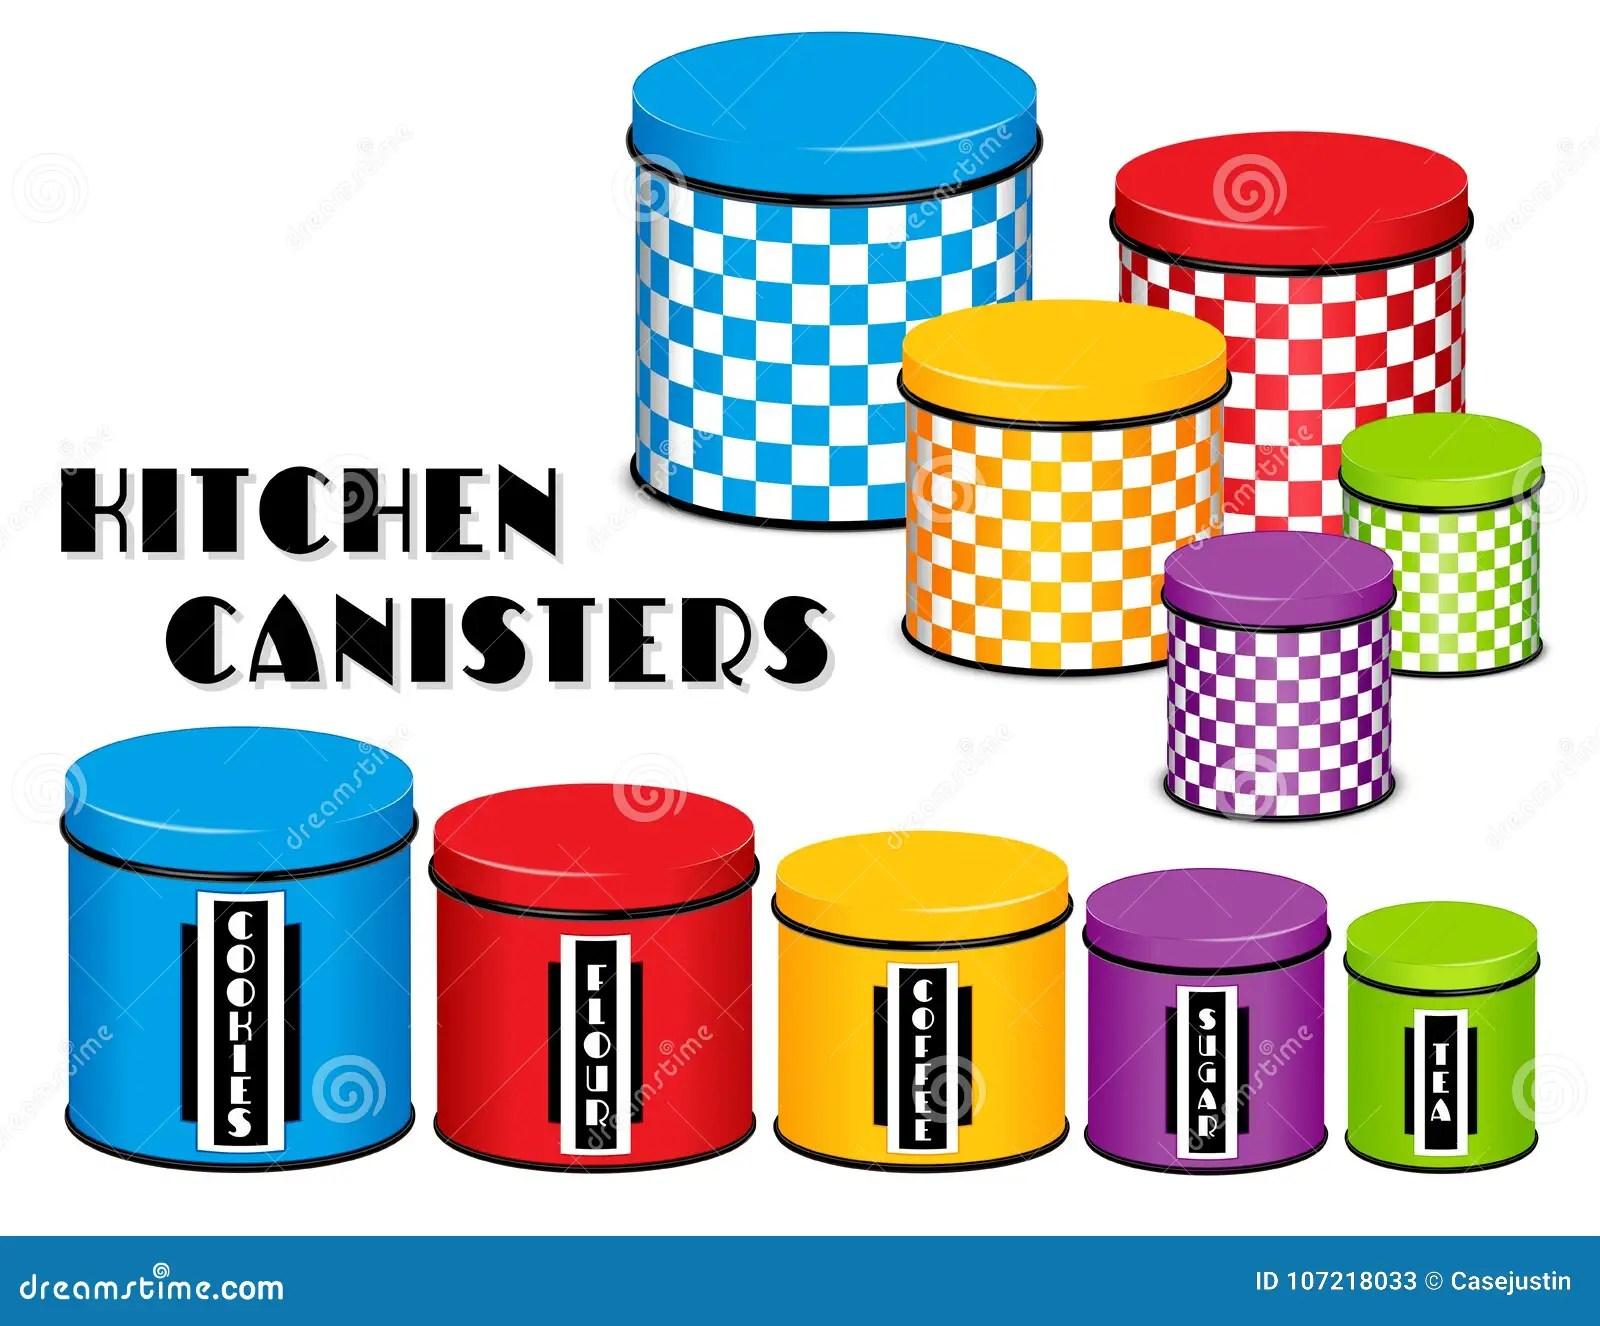 kitchen canister planning 厨房食物存贮罐集合 棋盘设计 多co 向量例证 插画包括有容器 颜色 与盒盖的五个棋盘多颜色食物存贮厨房罐在木架子的小 中等和大大小标签 曲奇饼 面粉 咖啡 糖 茶背景查出的白色兼容的eps8